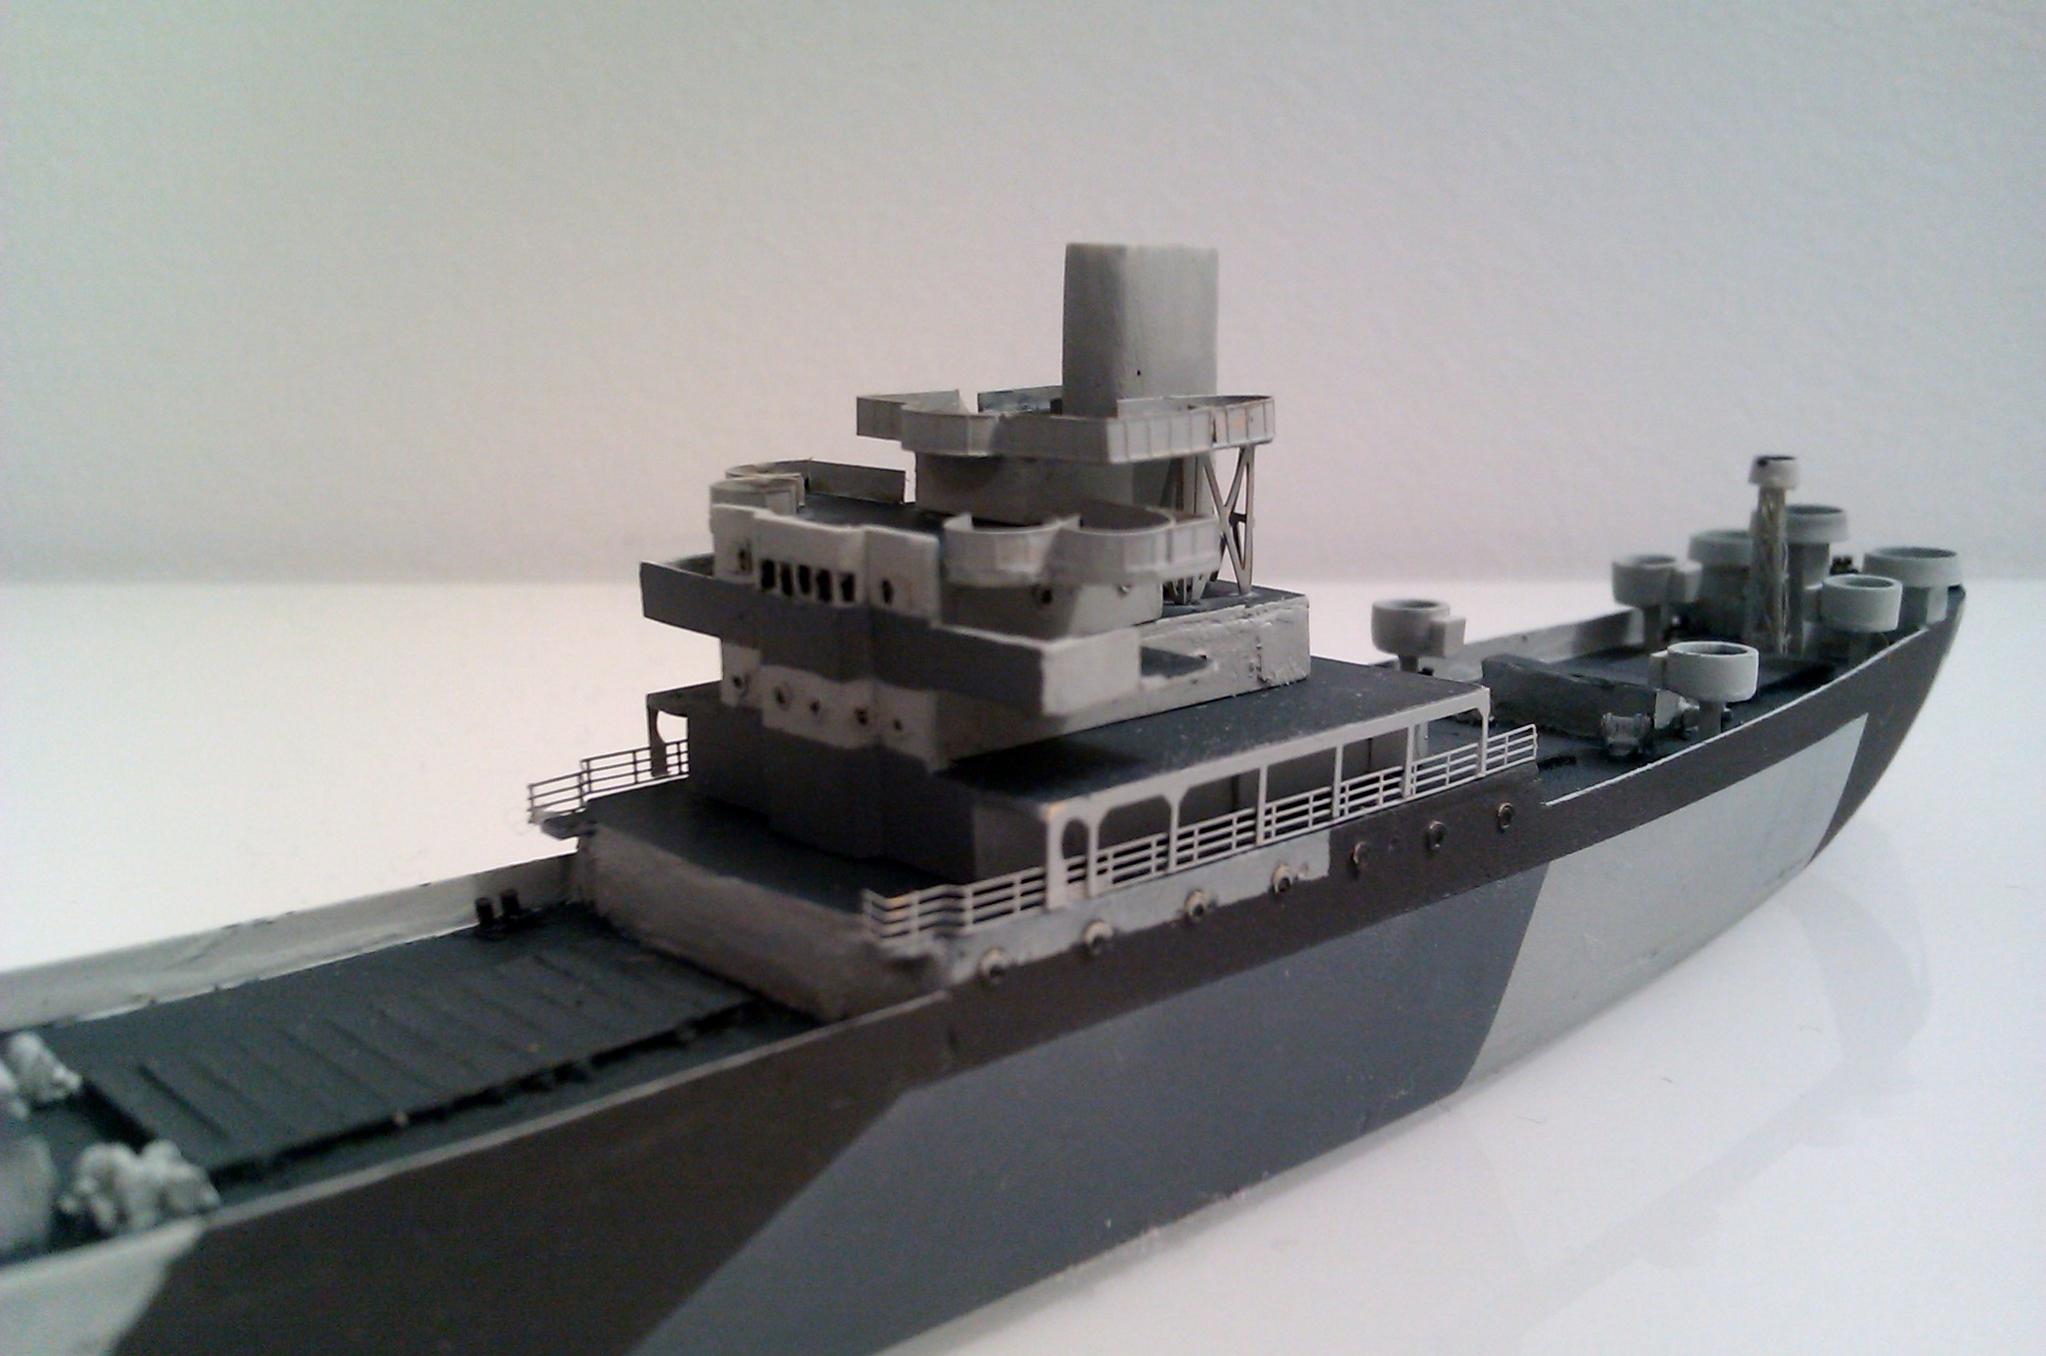 USS Thurston 1/700 à partir du kit Armerican scout de Loose cannon LxsE3DuNC